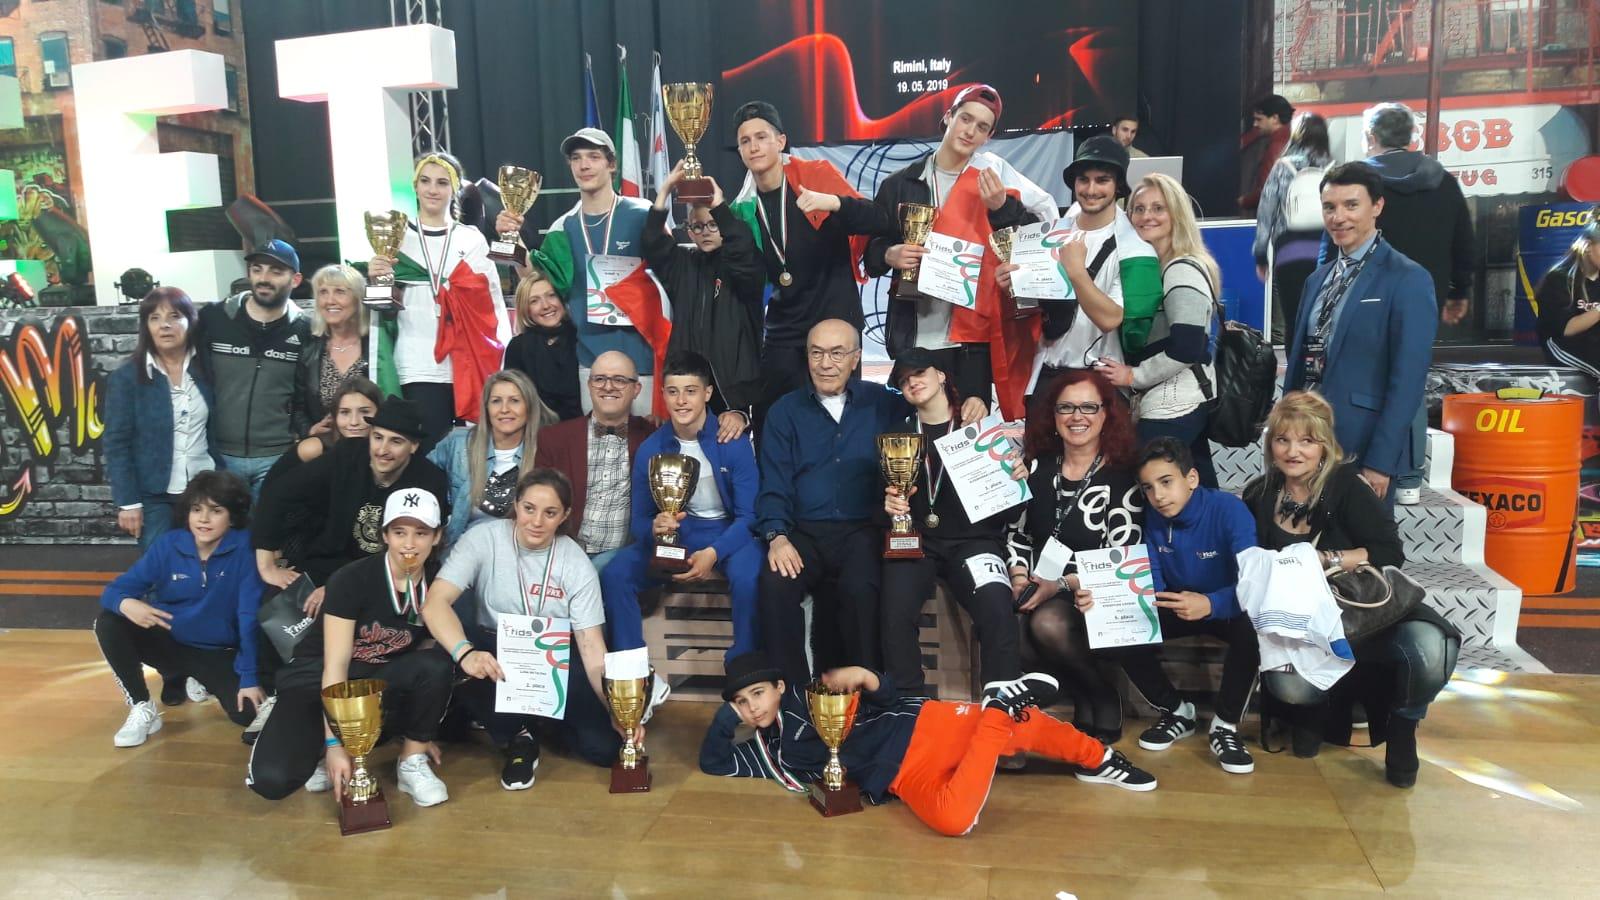 campionato europeo IDO 2019 - gran finale - foto gruppo